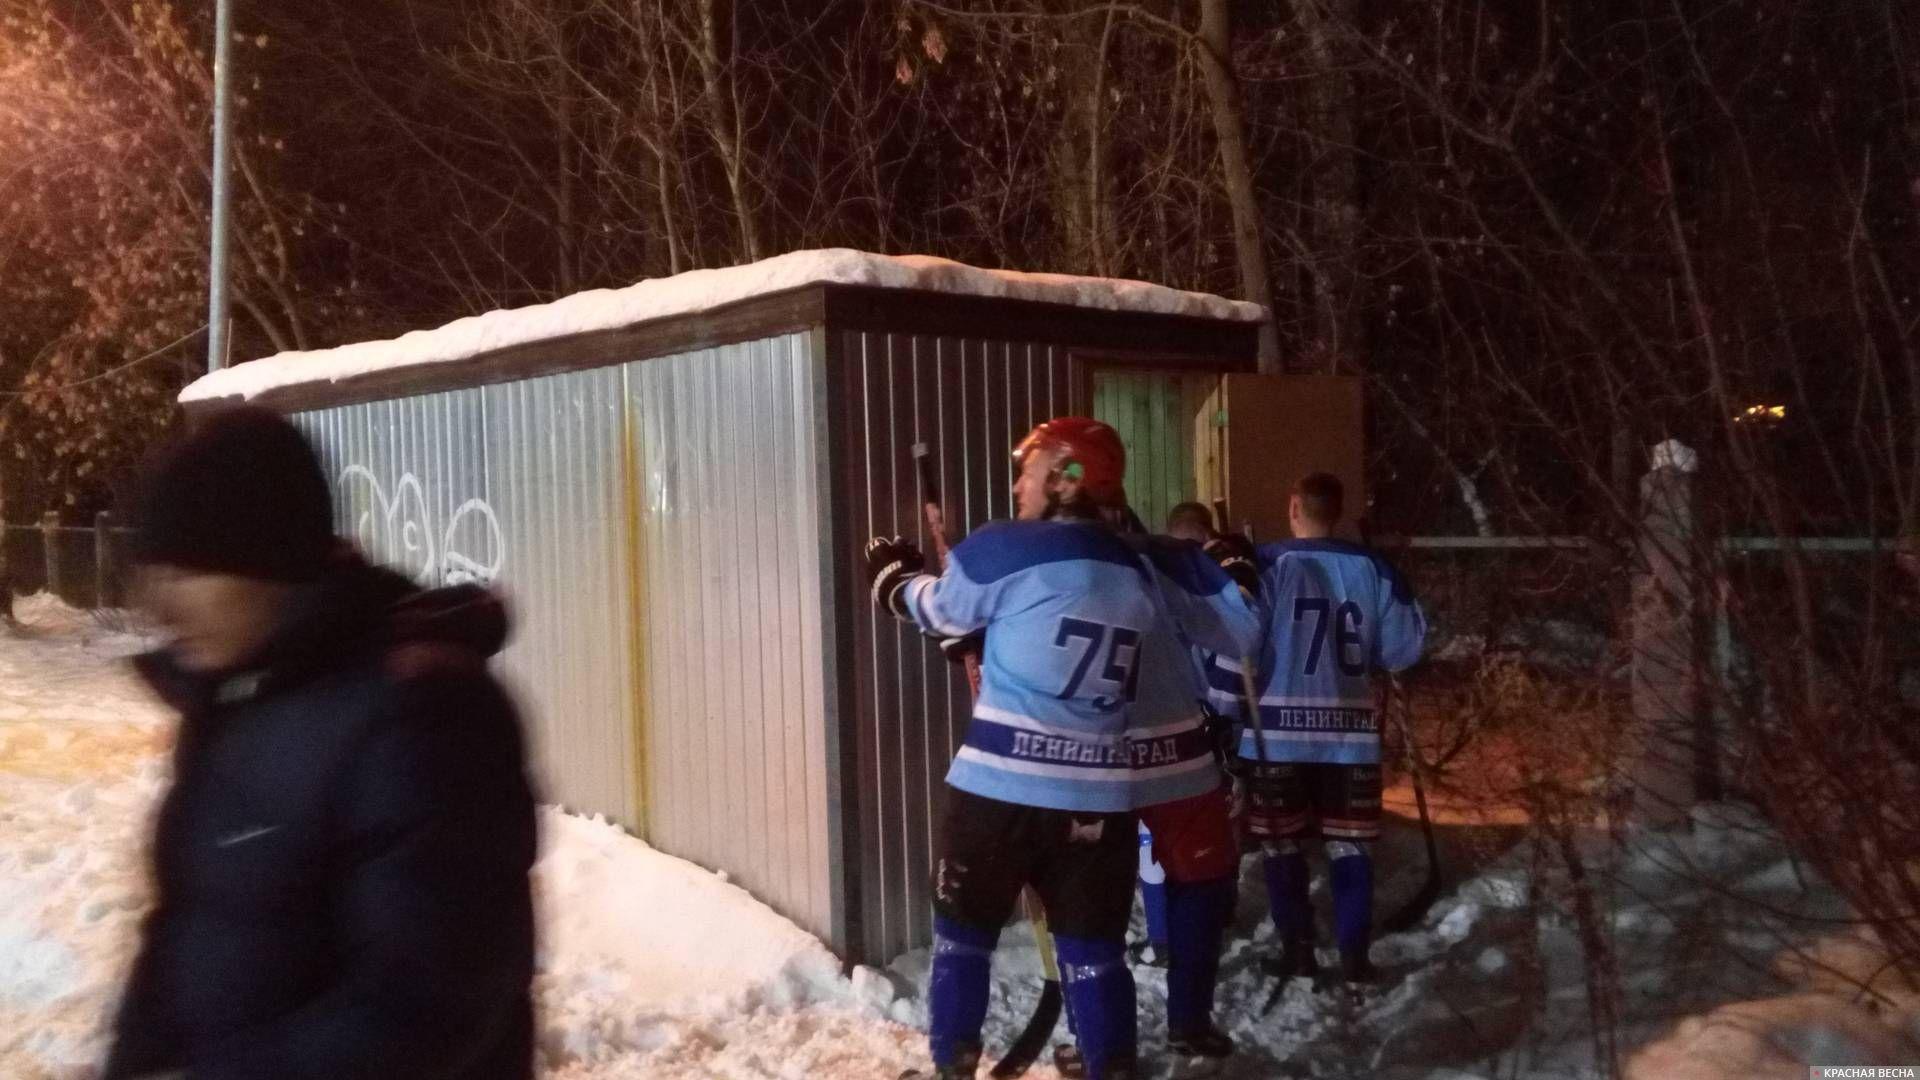 Раздевалка хоккейной команды Авиагородка. Санкт-Петербург